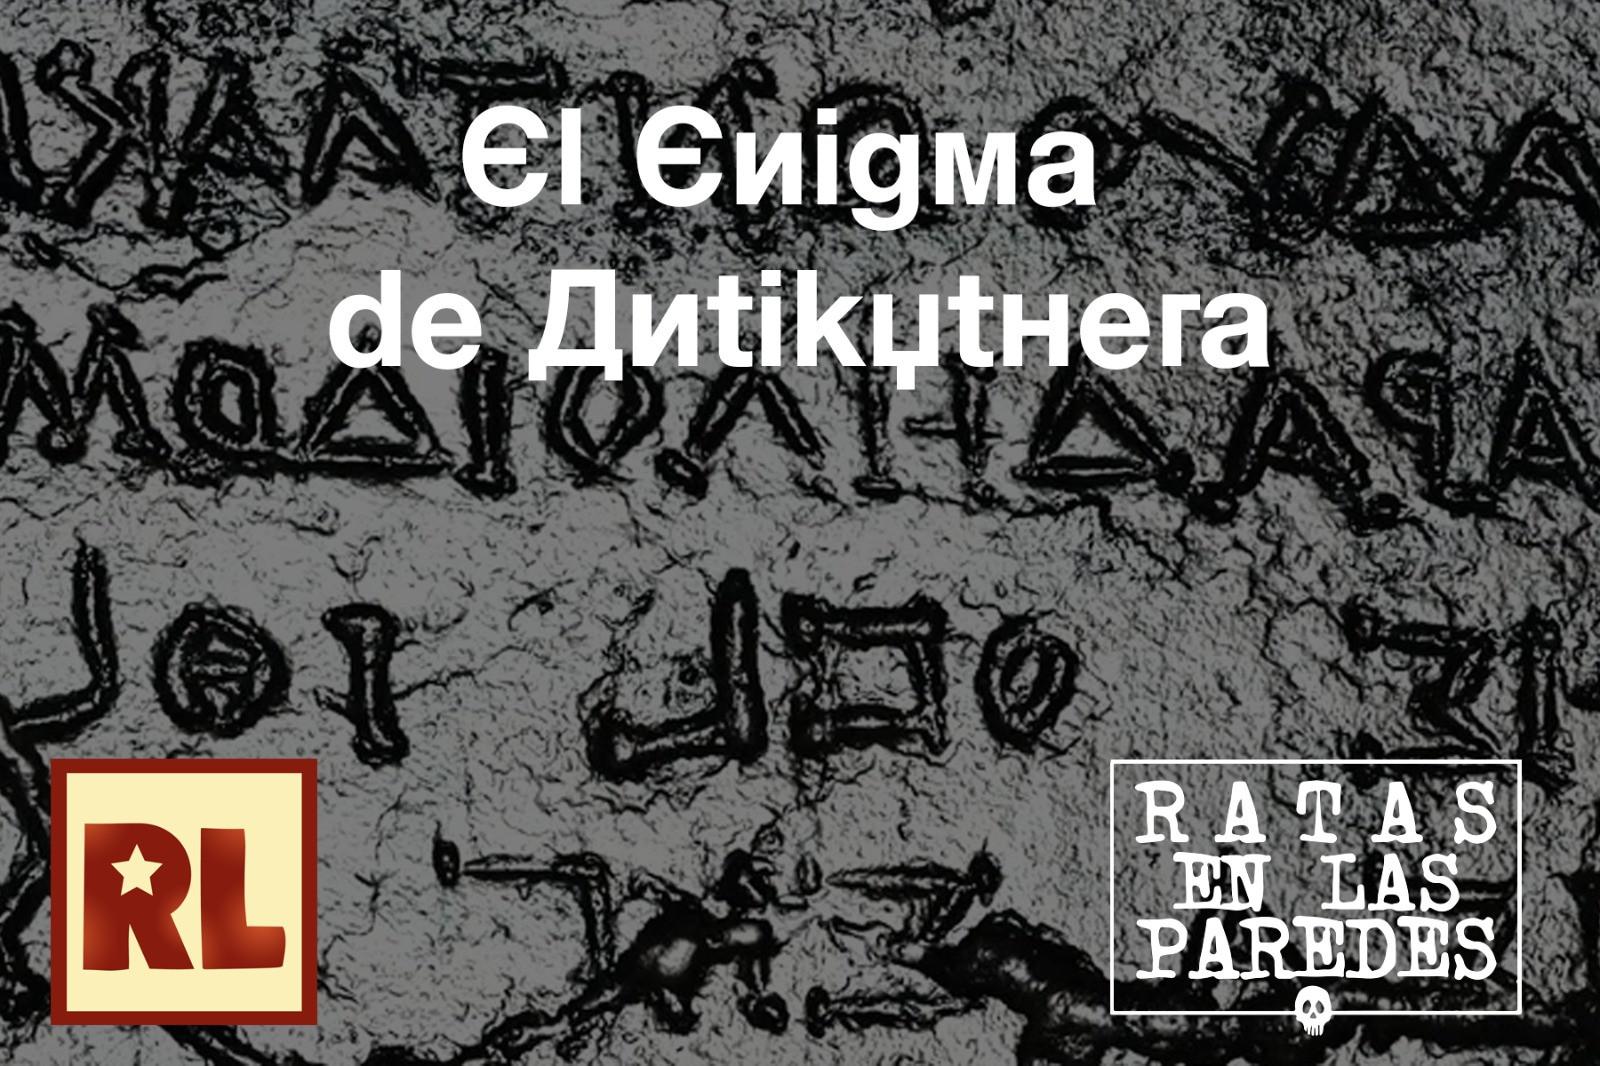 Resistencia Lúdica El enigma de Antikythera (Ratas en las paredes)